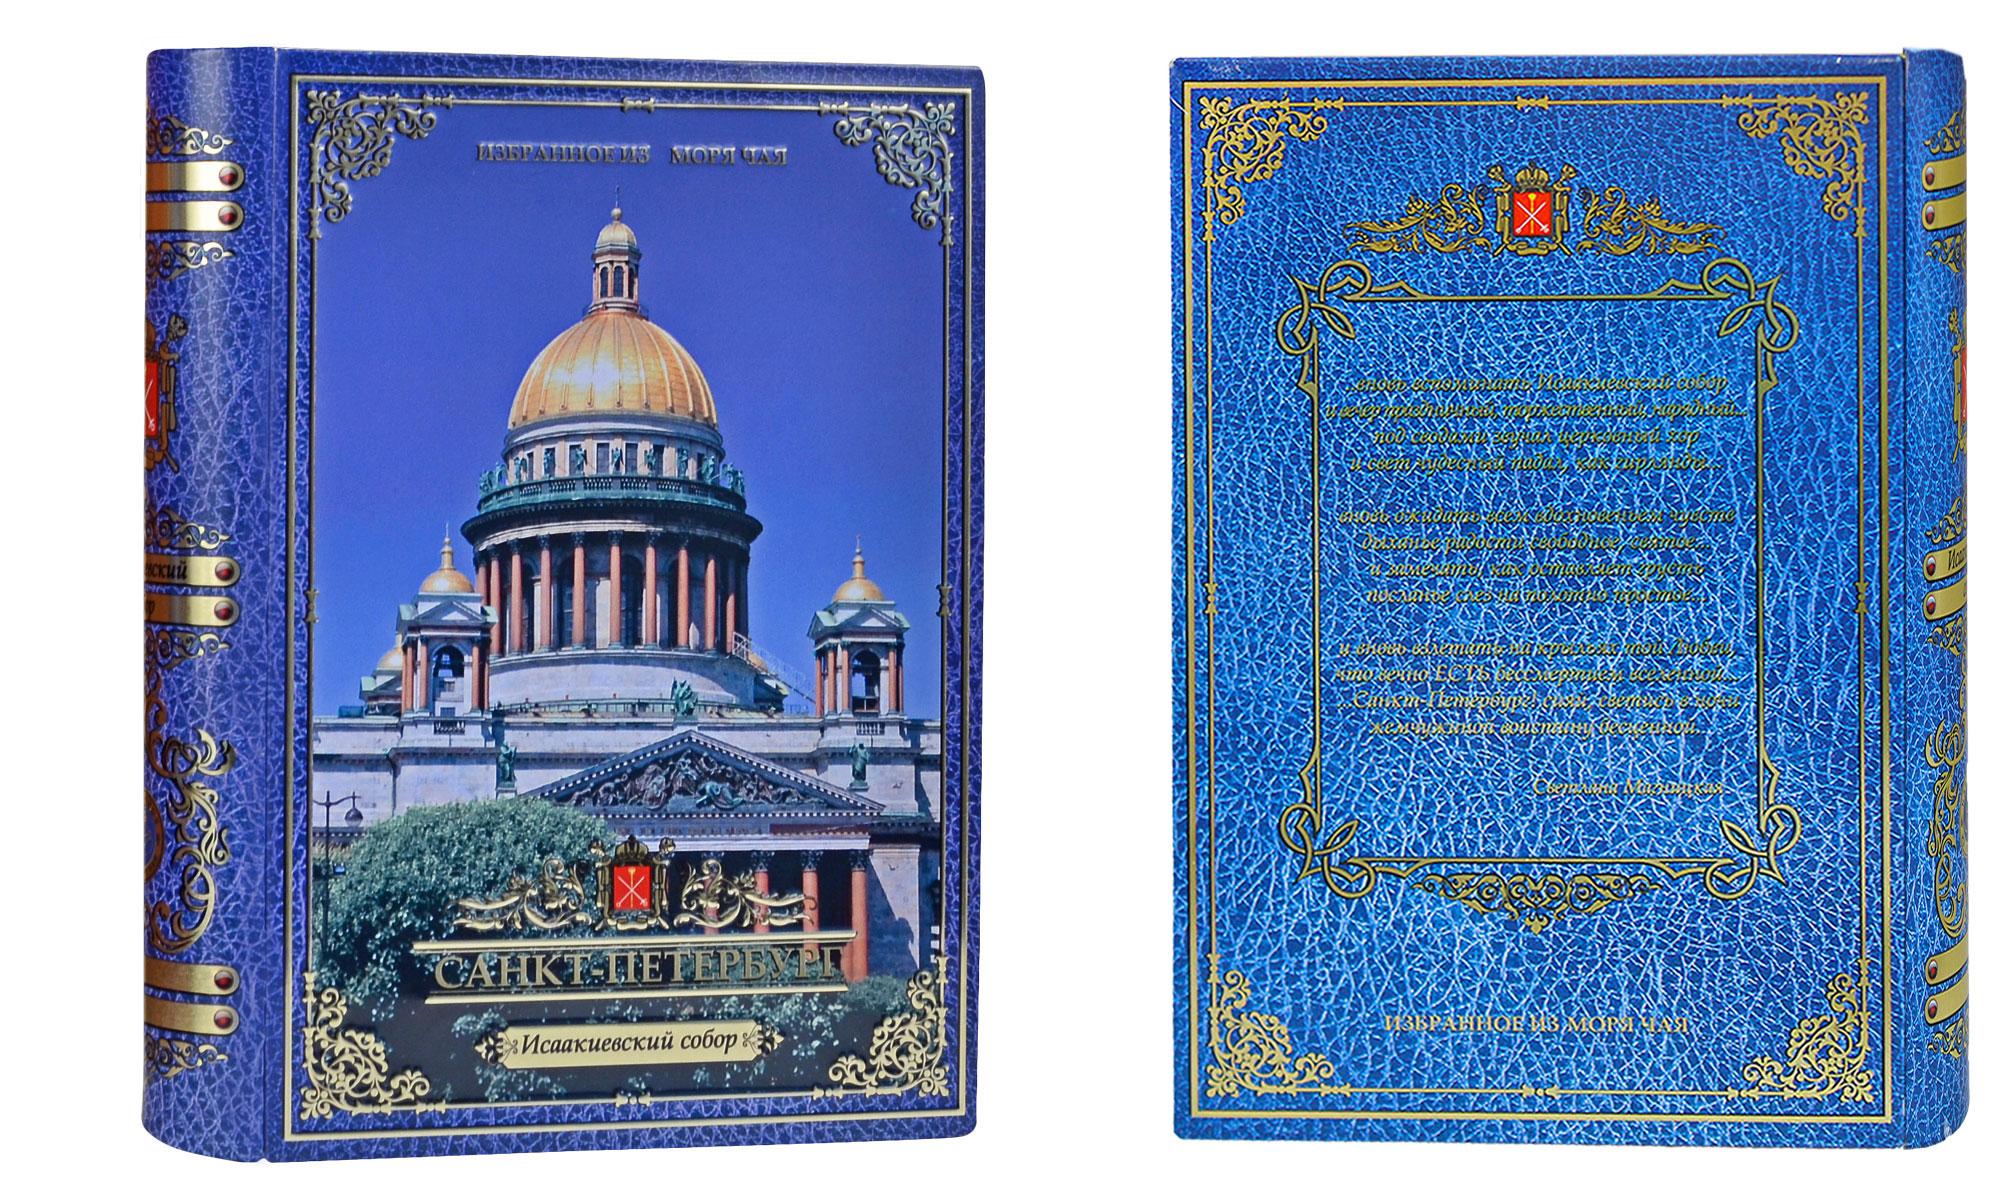 Art-fact превратил чайные коробки в произведения искусства